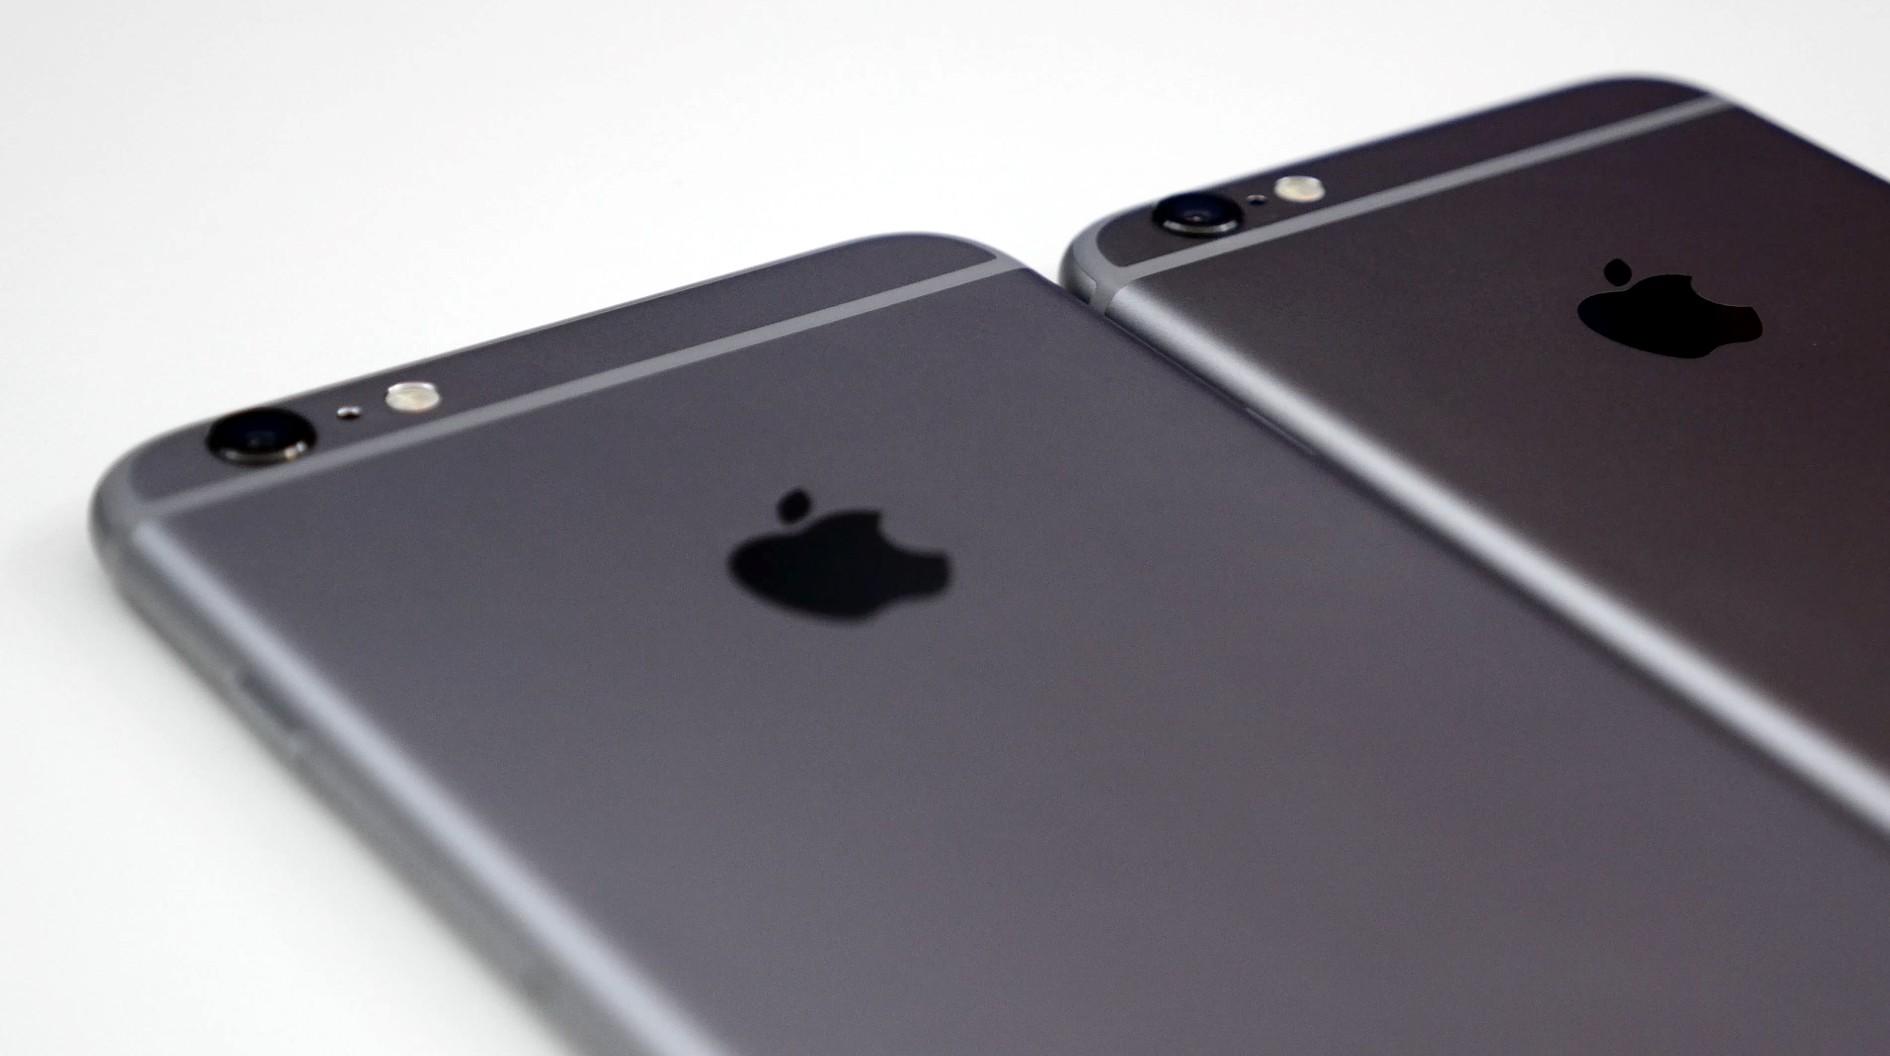 IPHONE 6S - iPhone thế hệ tiếp theo bắt đầu đi vào sản xuất